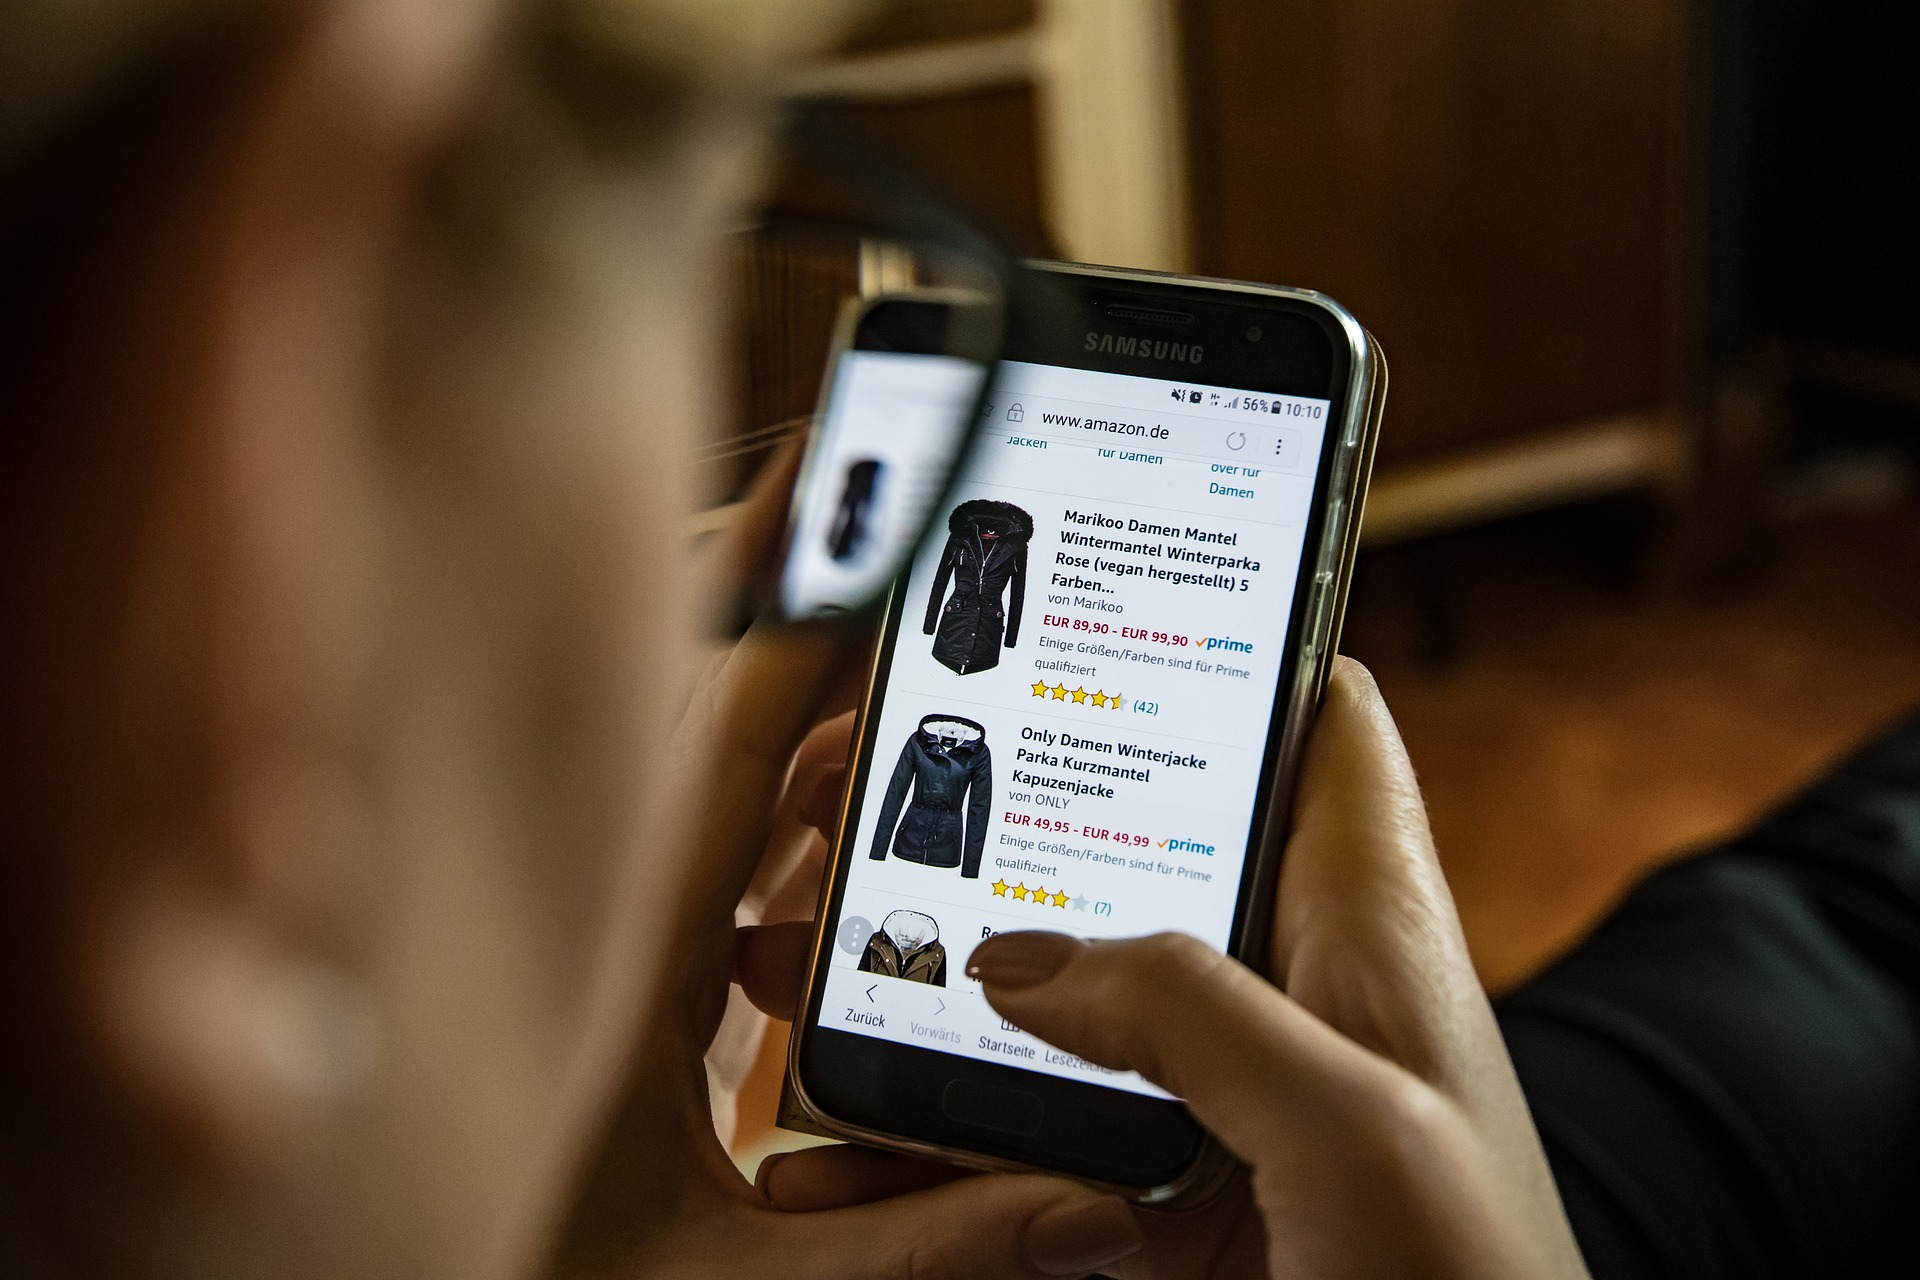 L'achat de vêtements sur Internet, un réflexe pour 40% des internautes